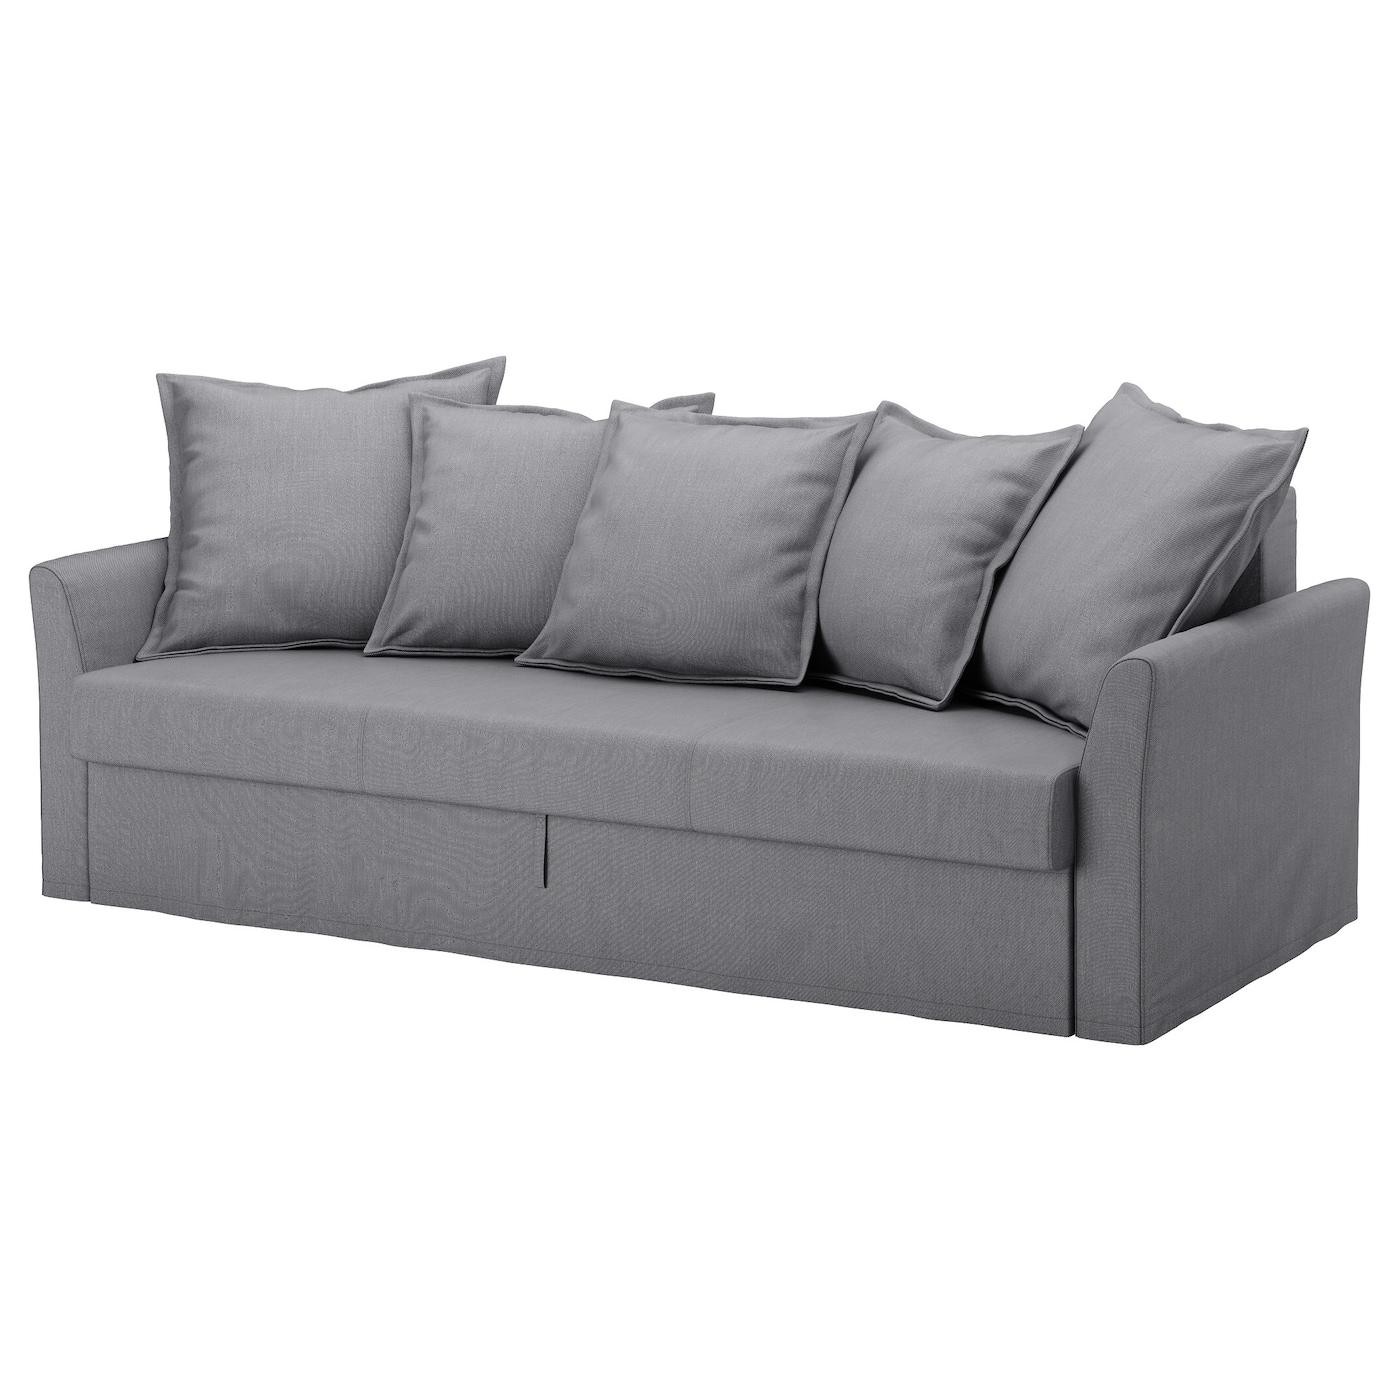 Sof� cama 3 plazas, Nordvalla gris